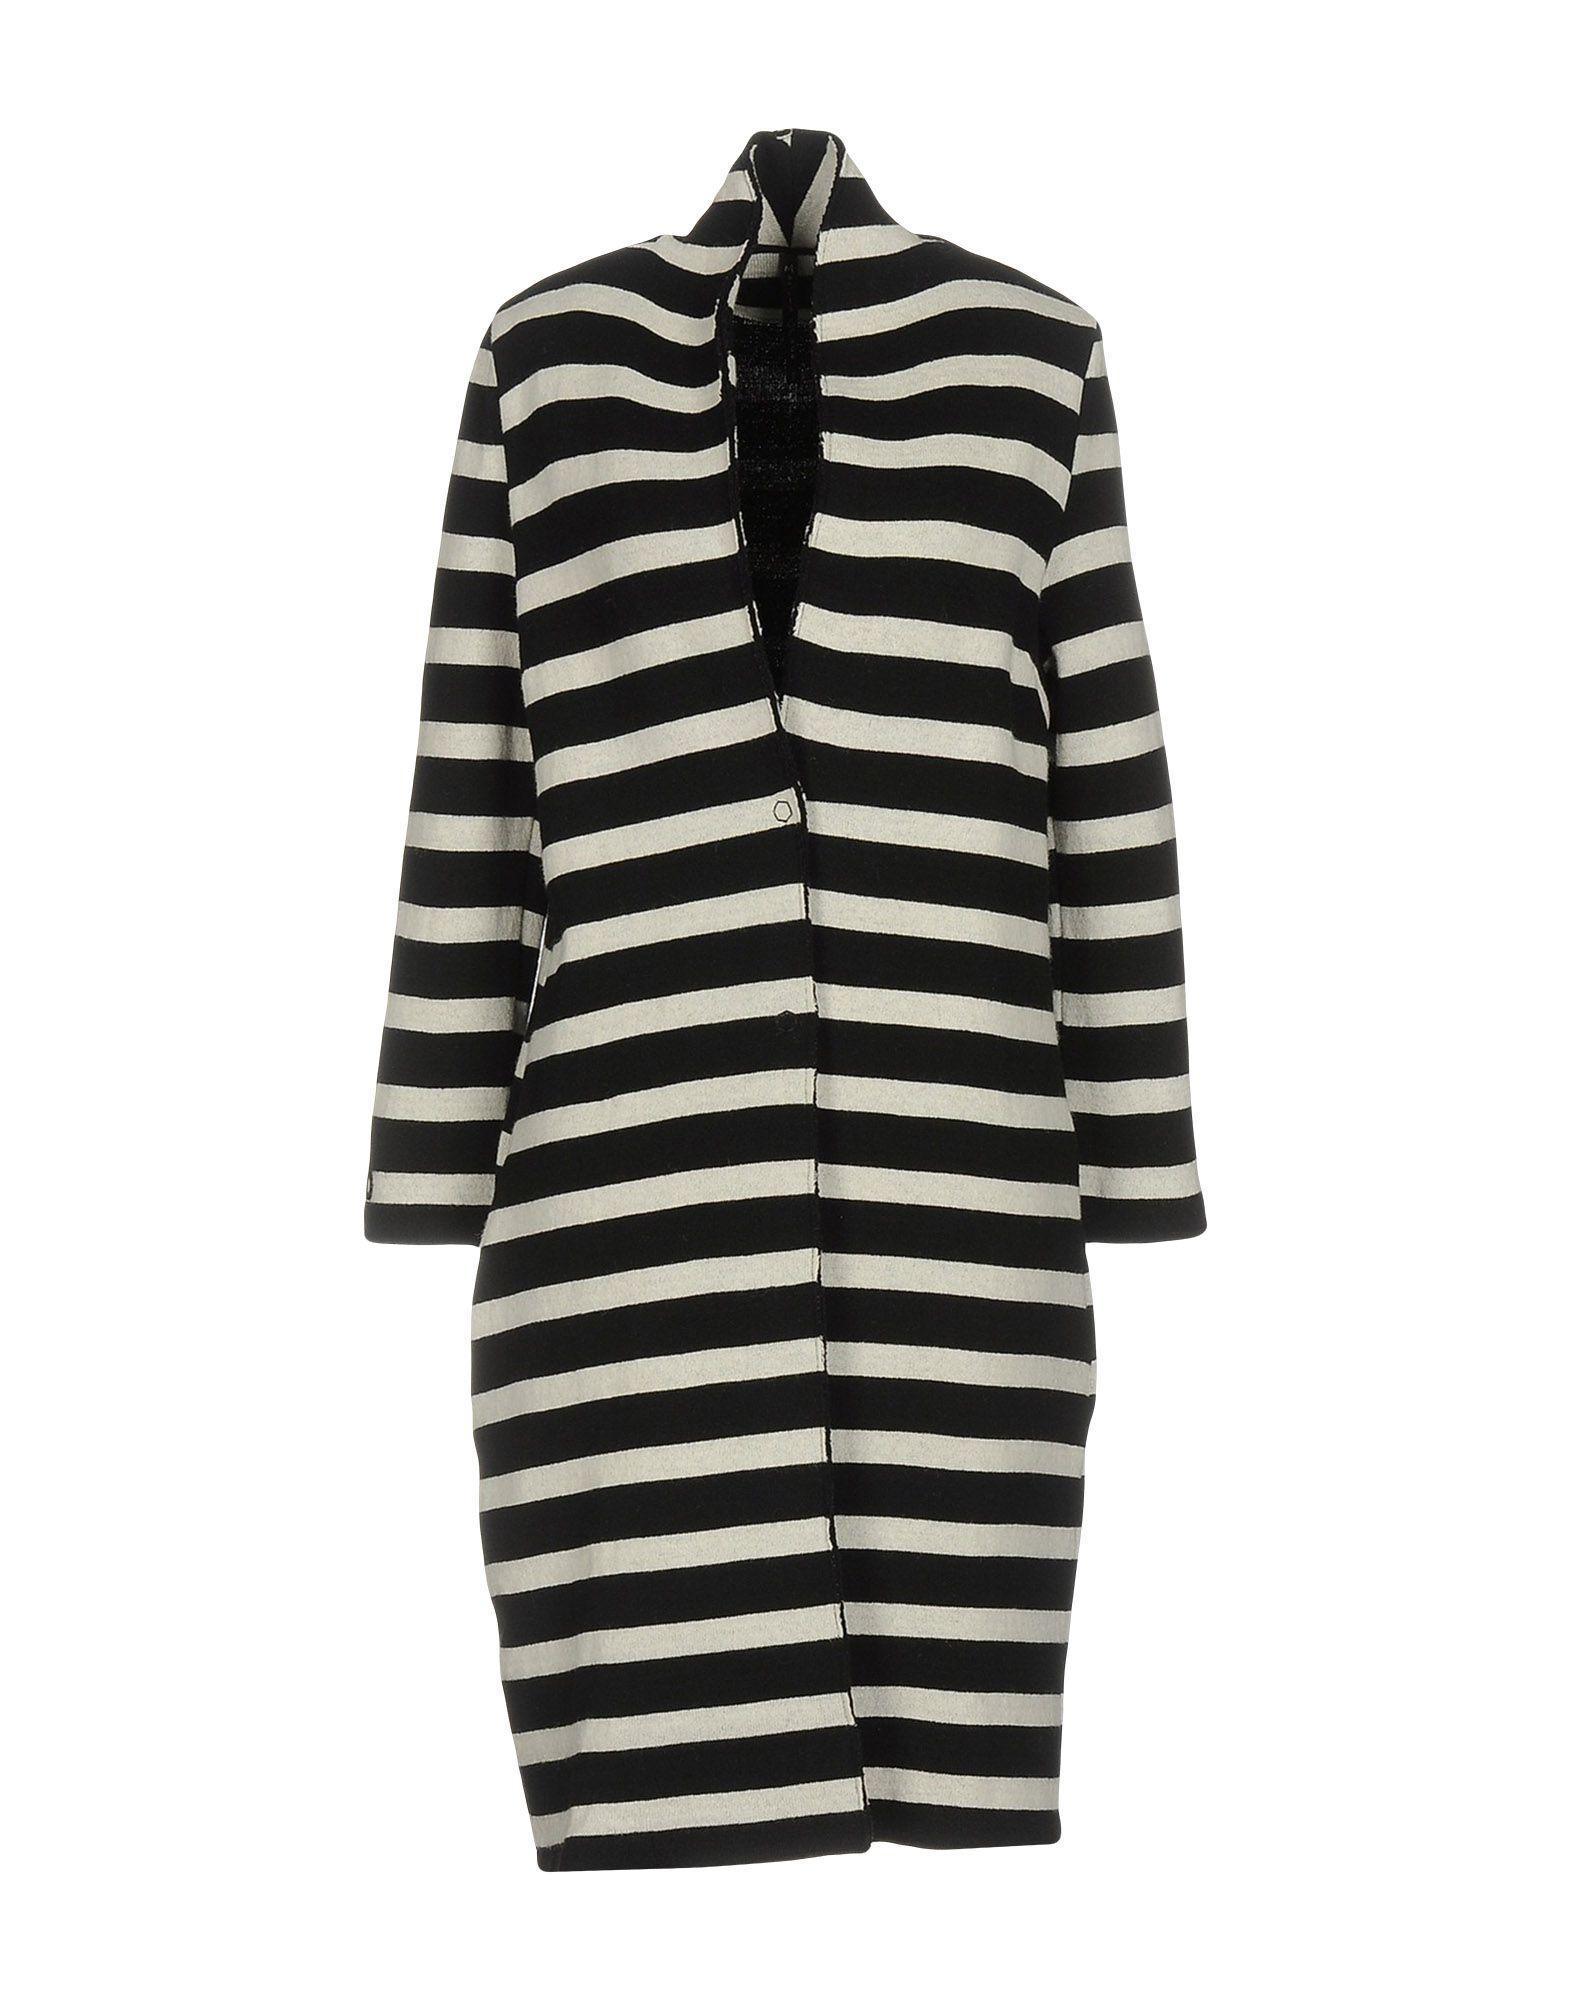 Manila Grace Coat In Black